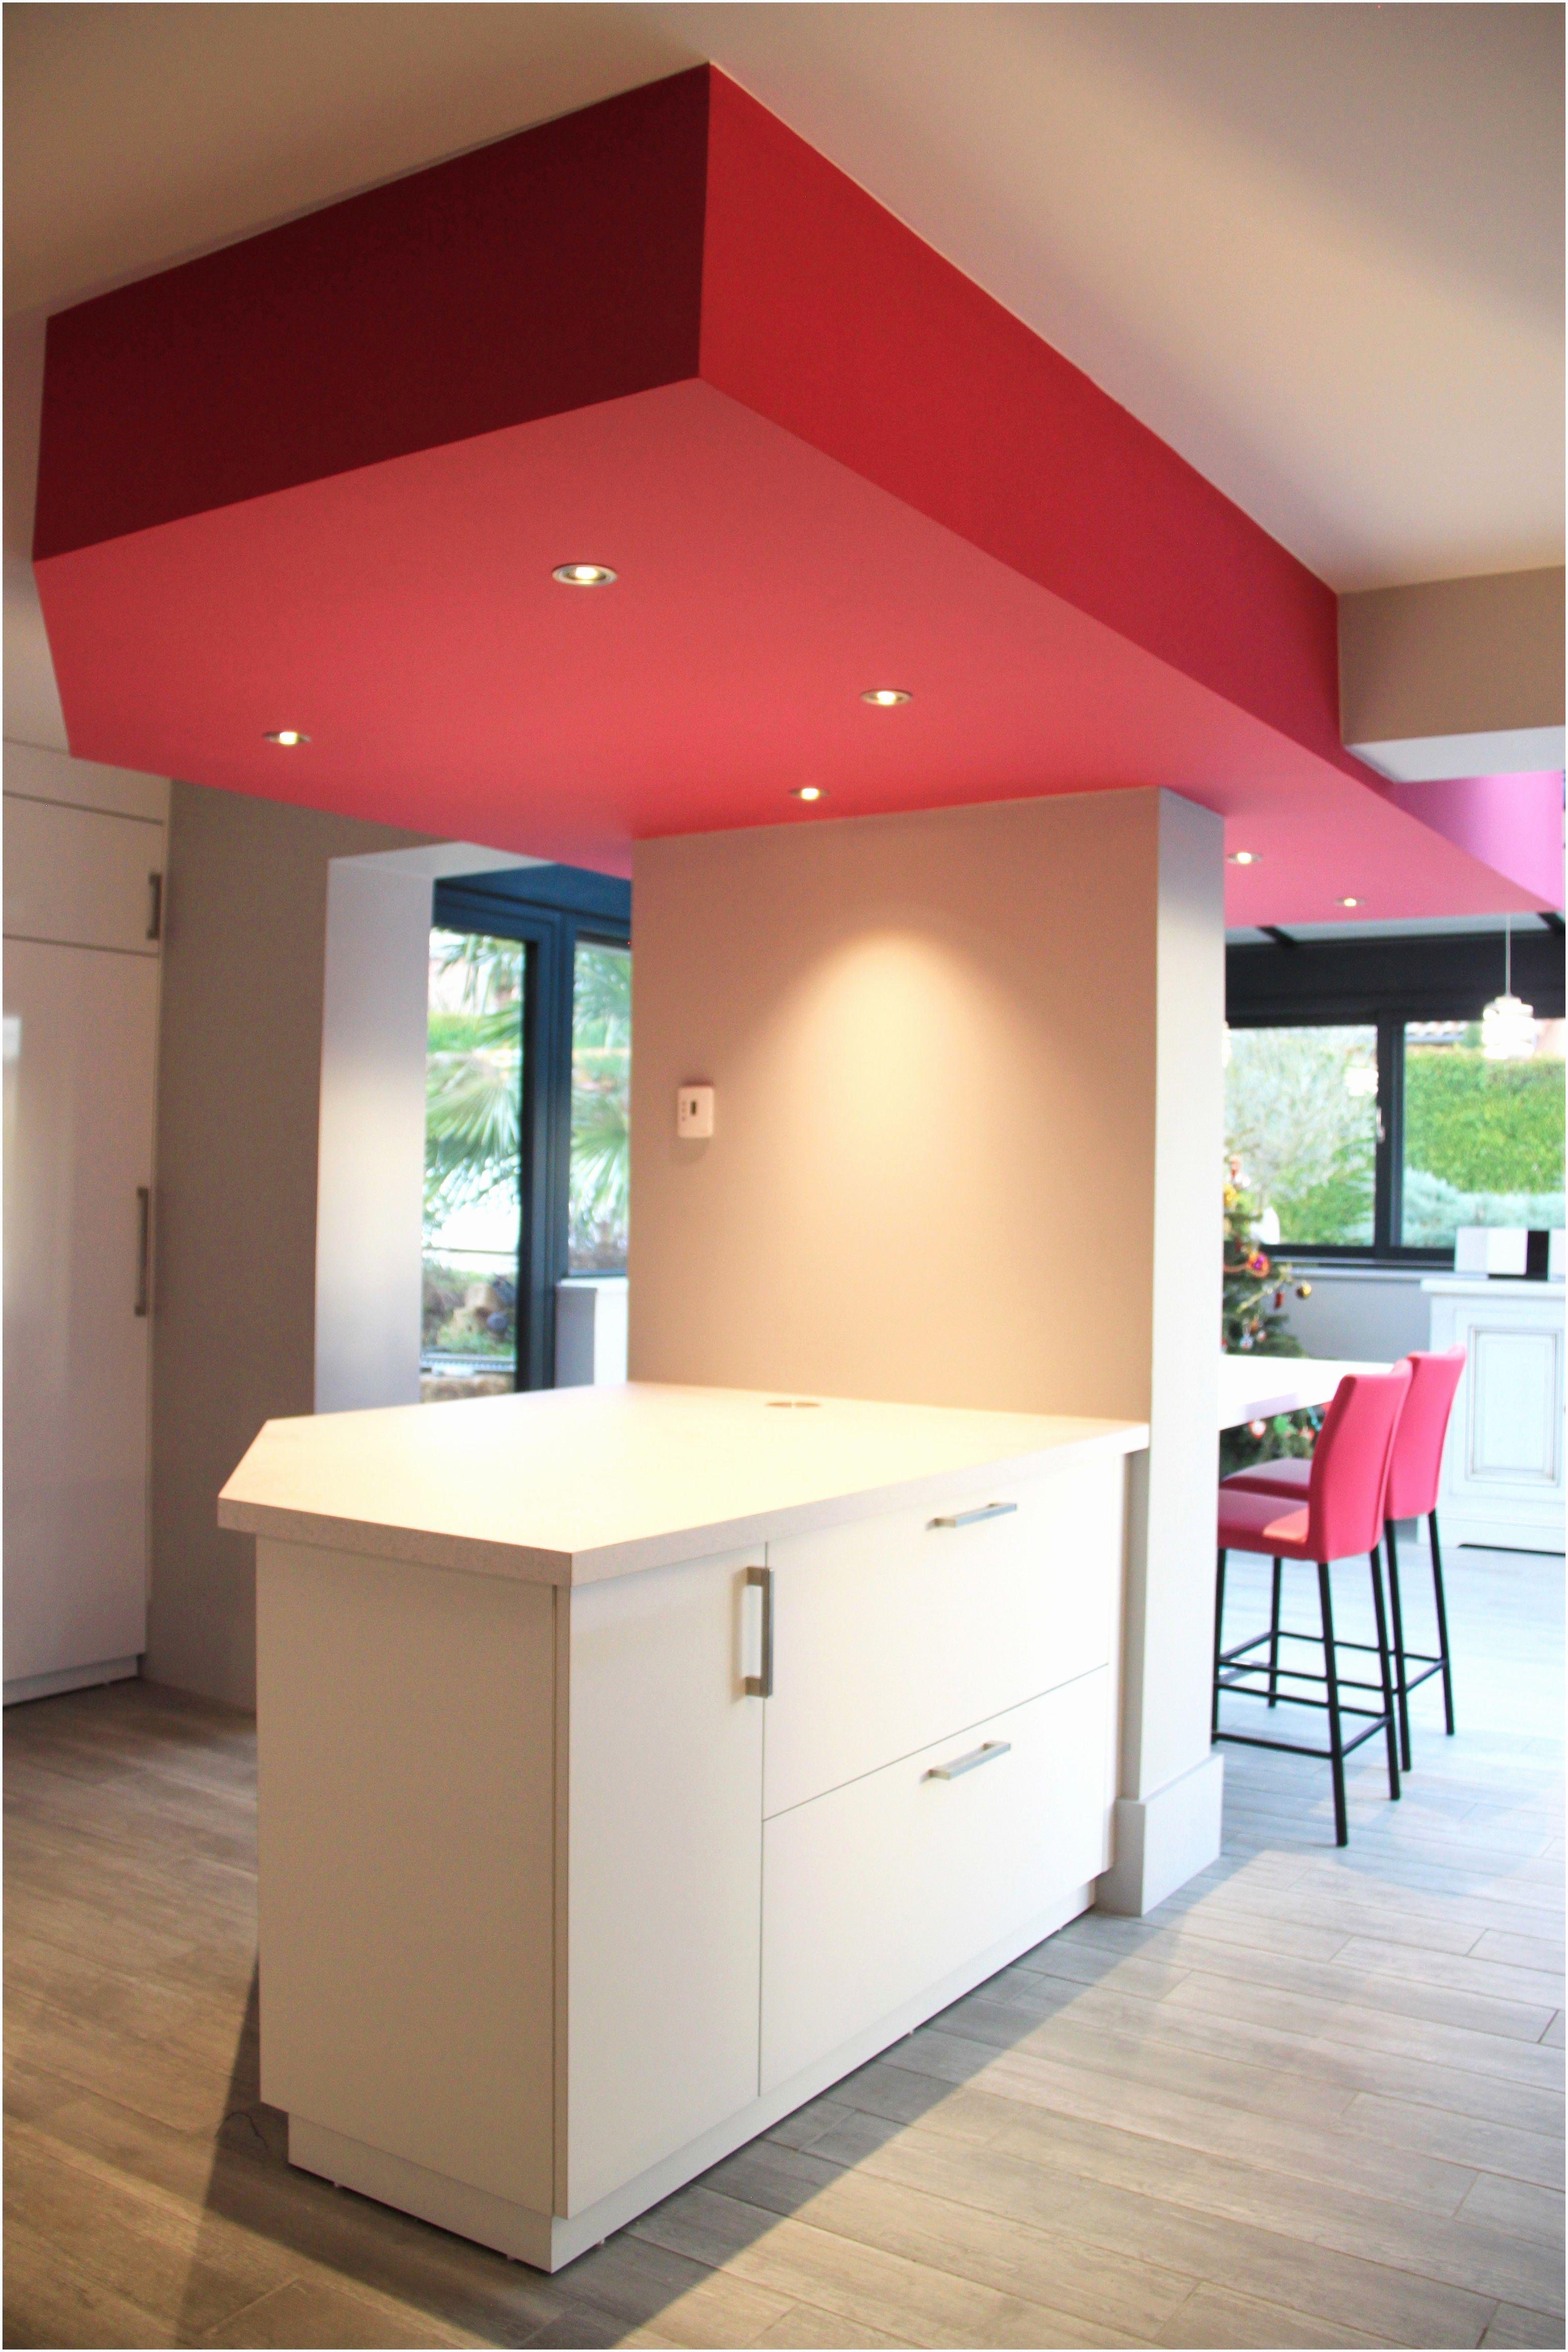 Eclairage Cuisine Led Plafond eclairage faux plafond cuisine. cool eclairage led plafond